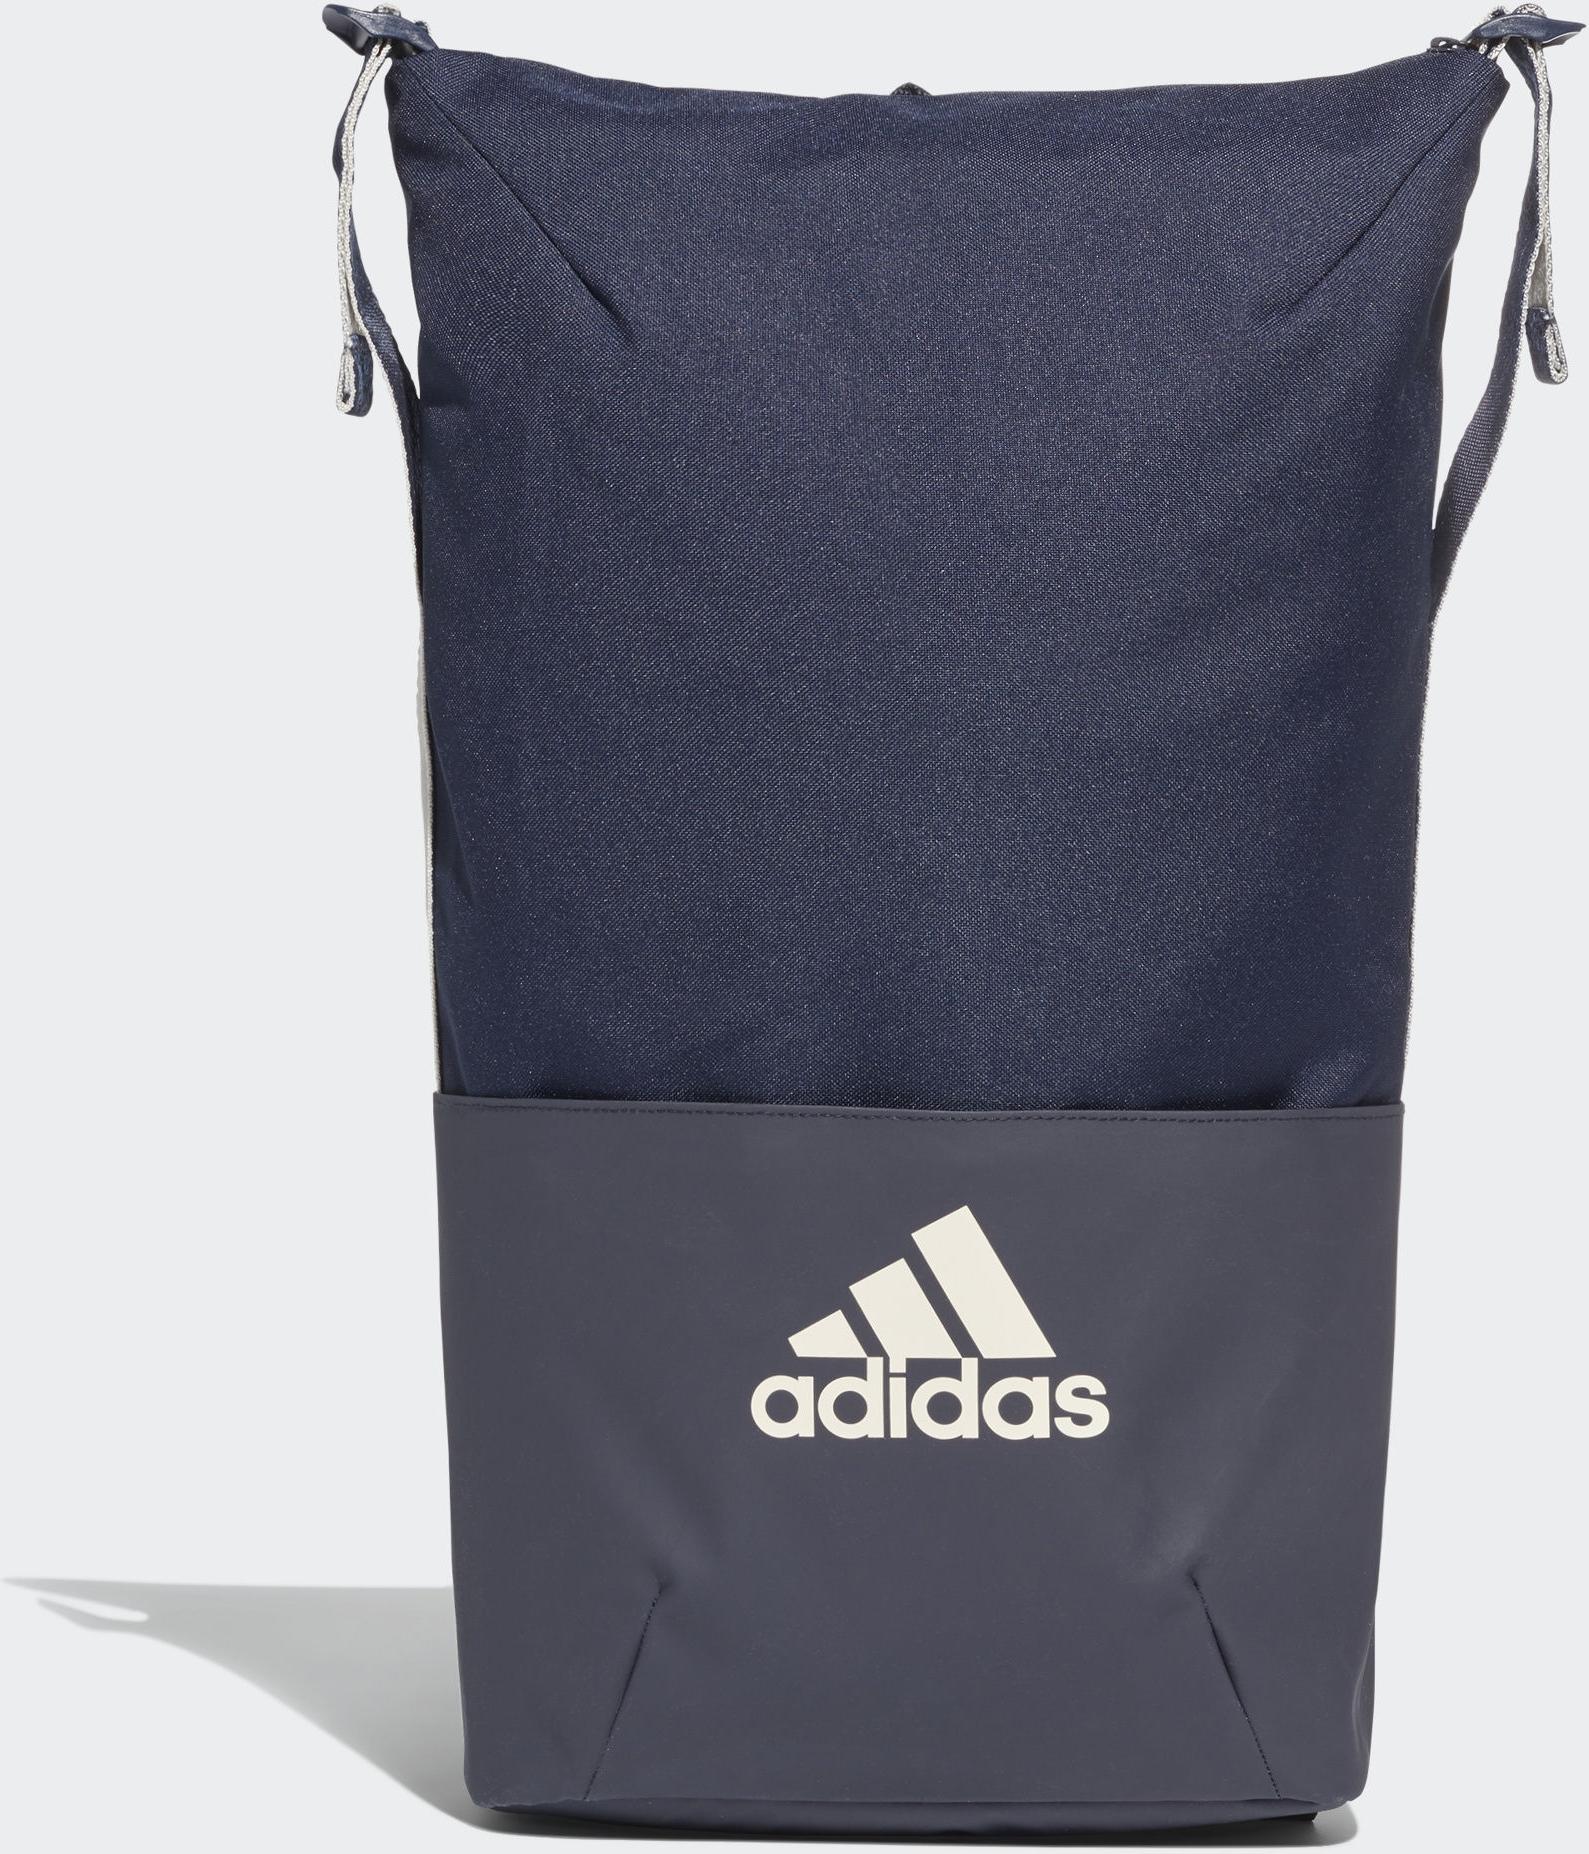 Рюкзак Adidas Zne Core, цвет: синий. DT5084 рюкзак adidas zne bp core gr цвет черный dt5086